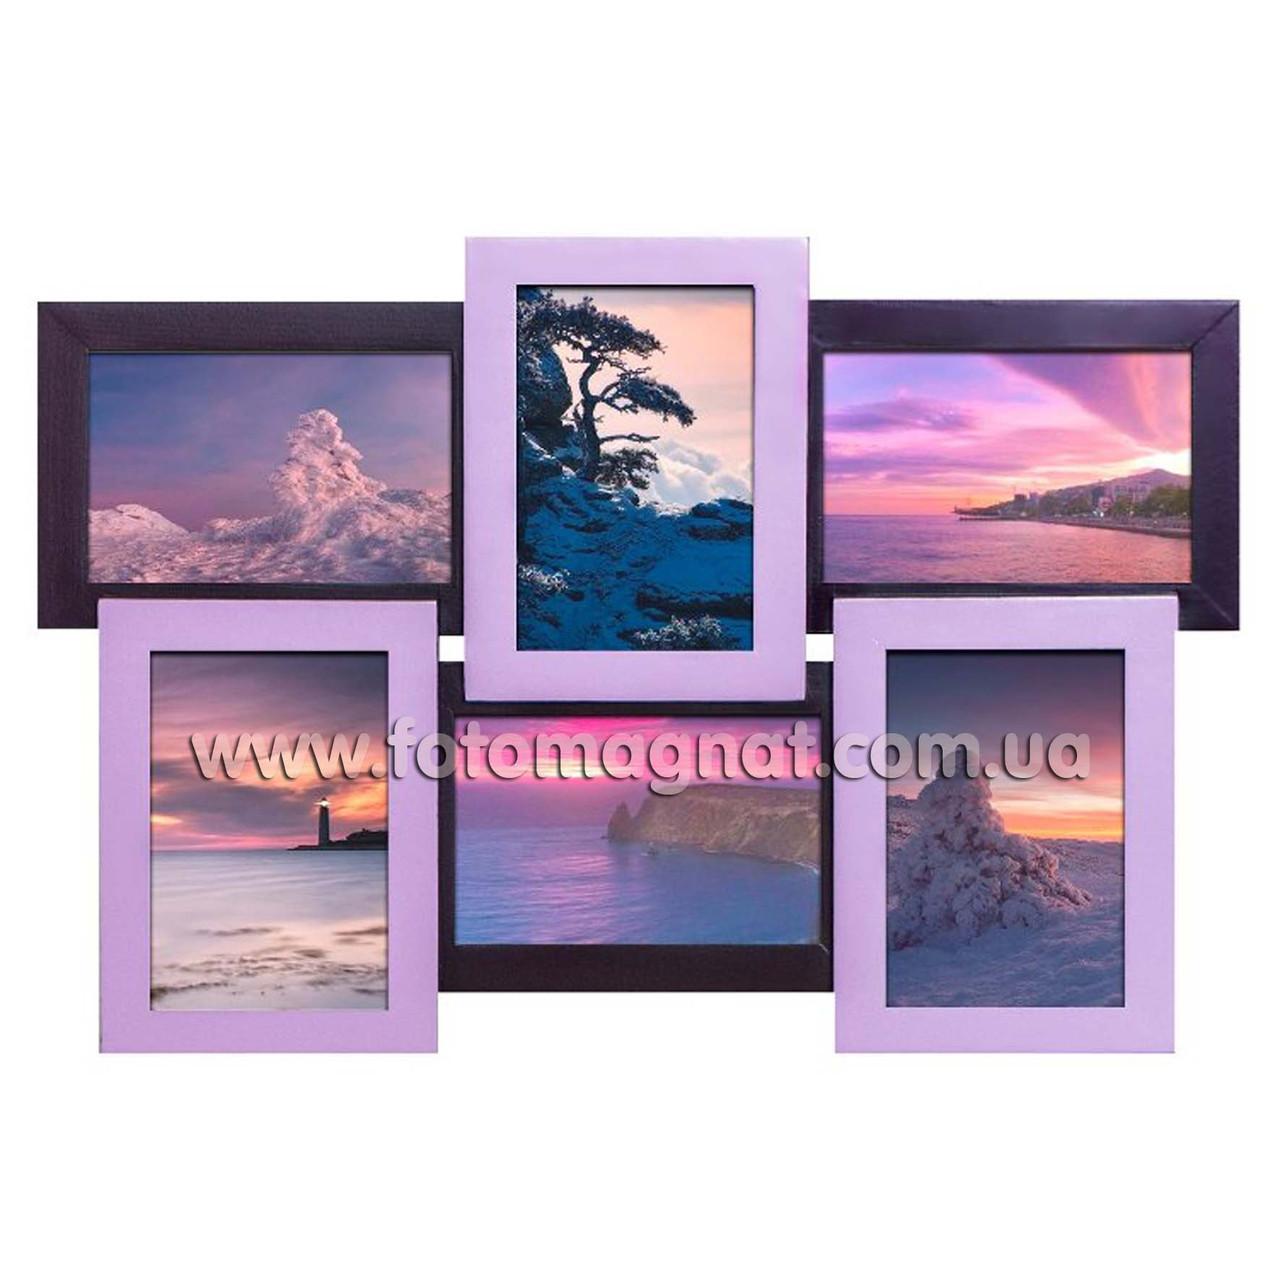 """Деревянная мультирамка на 6 фото """"Руноко 6 - Фиолетовая"""" (фоторамка коллаж 50 х 33 см) - Fotomagnat.net — Выгодные покупки начинаются здесь в Днепре"""